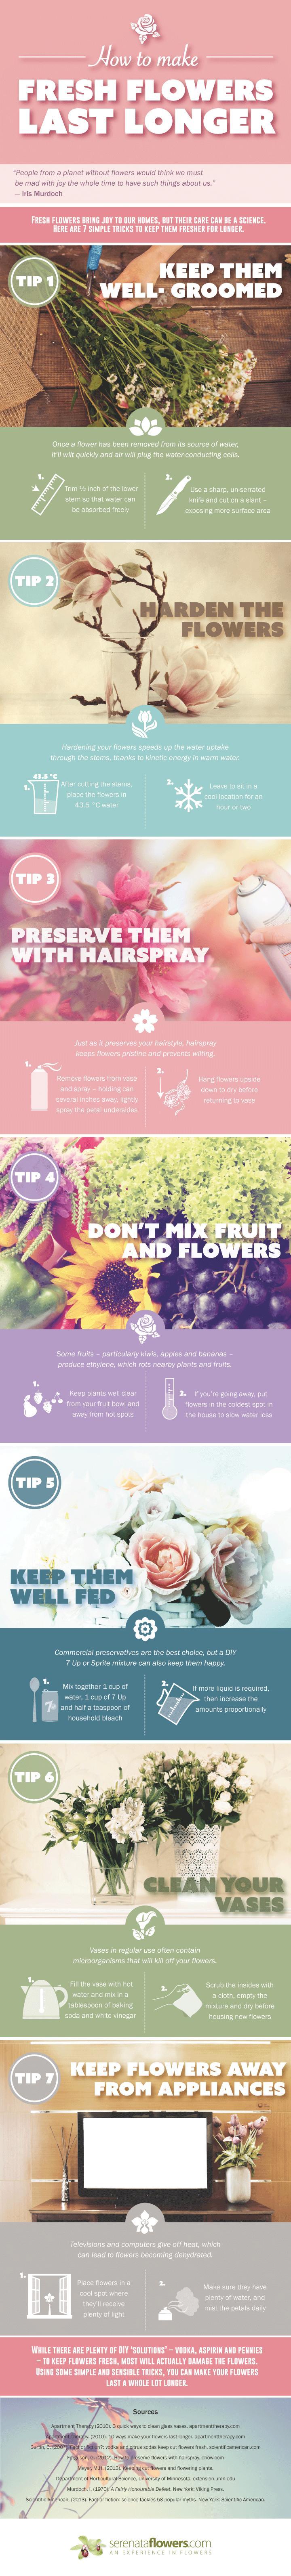 How-to-make-fresh-flowers-last-longer